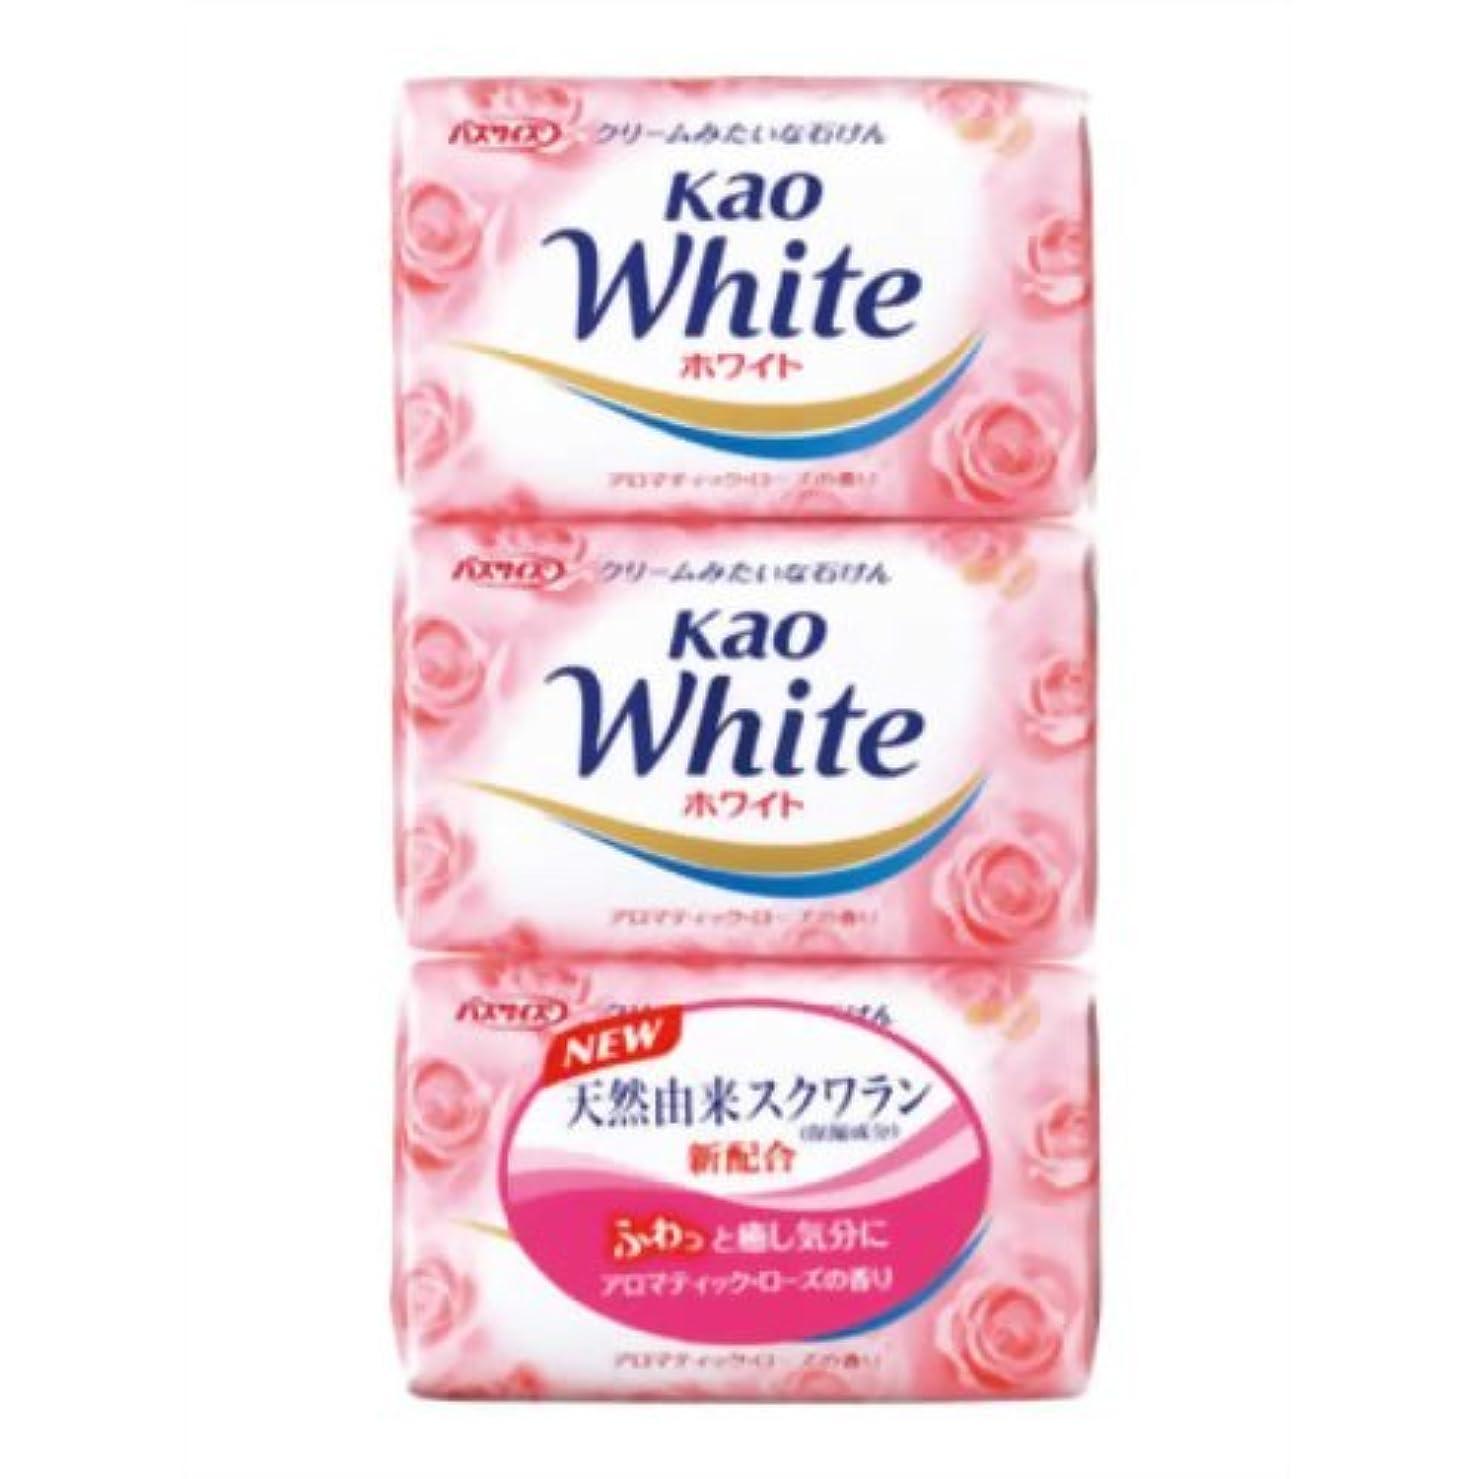 提唱する戻る受ける花王ホワイト アロマティックローズの香り バスサイズ 130g*3個入